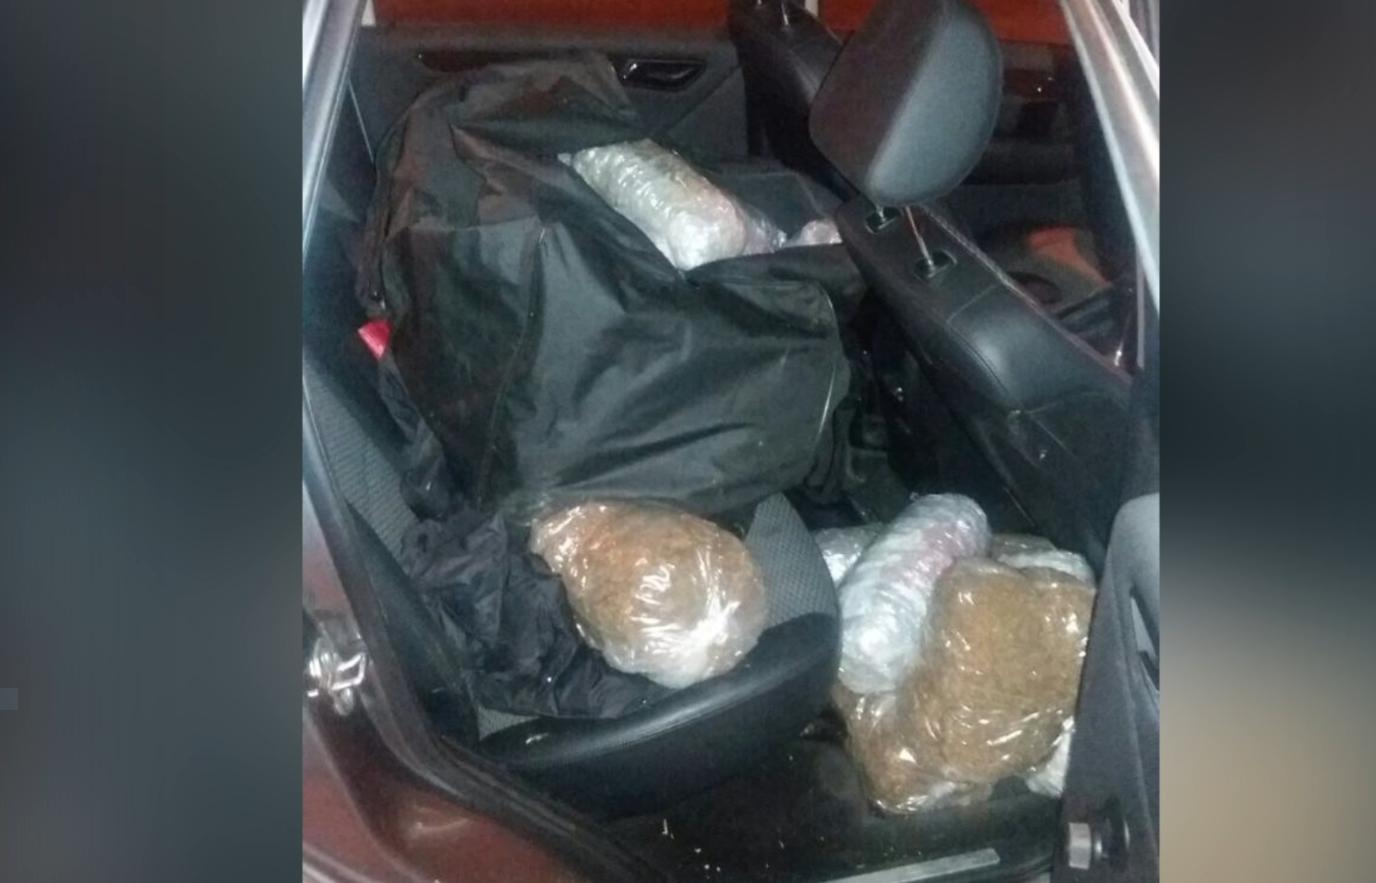 Kapen 26 kg marijuanë, pranga shoferes greke dhe pasagjerit shqiptar